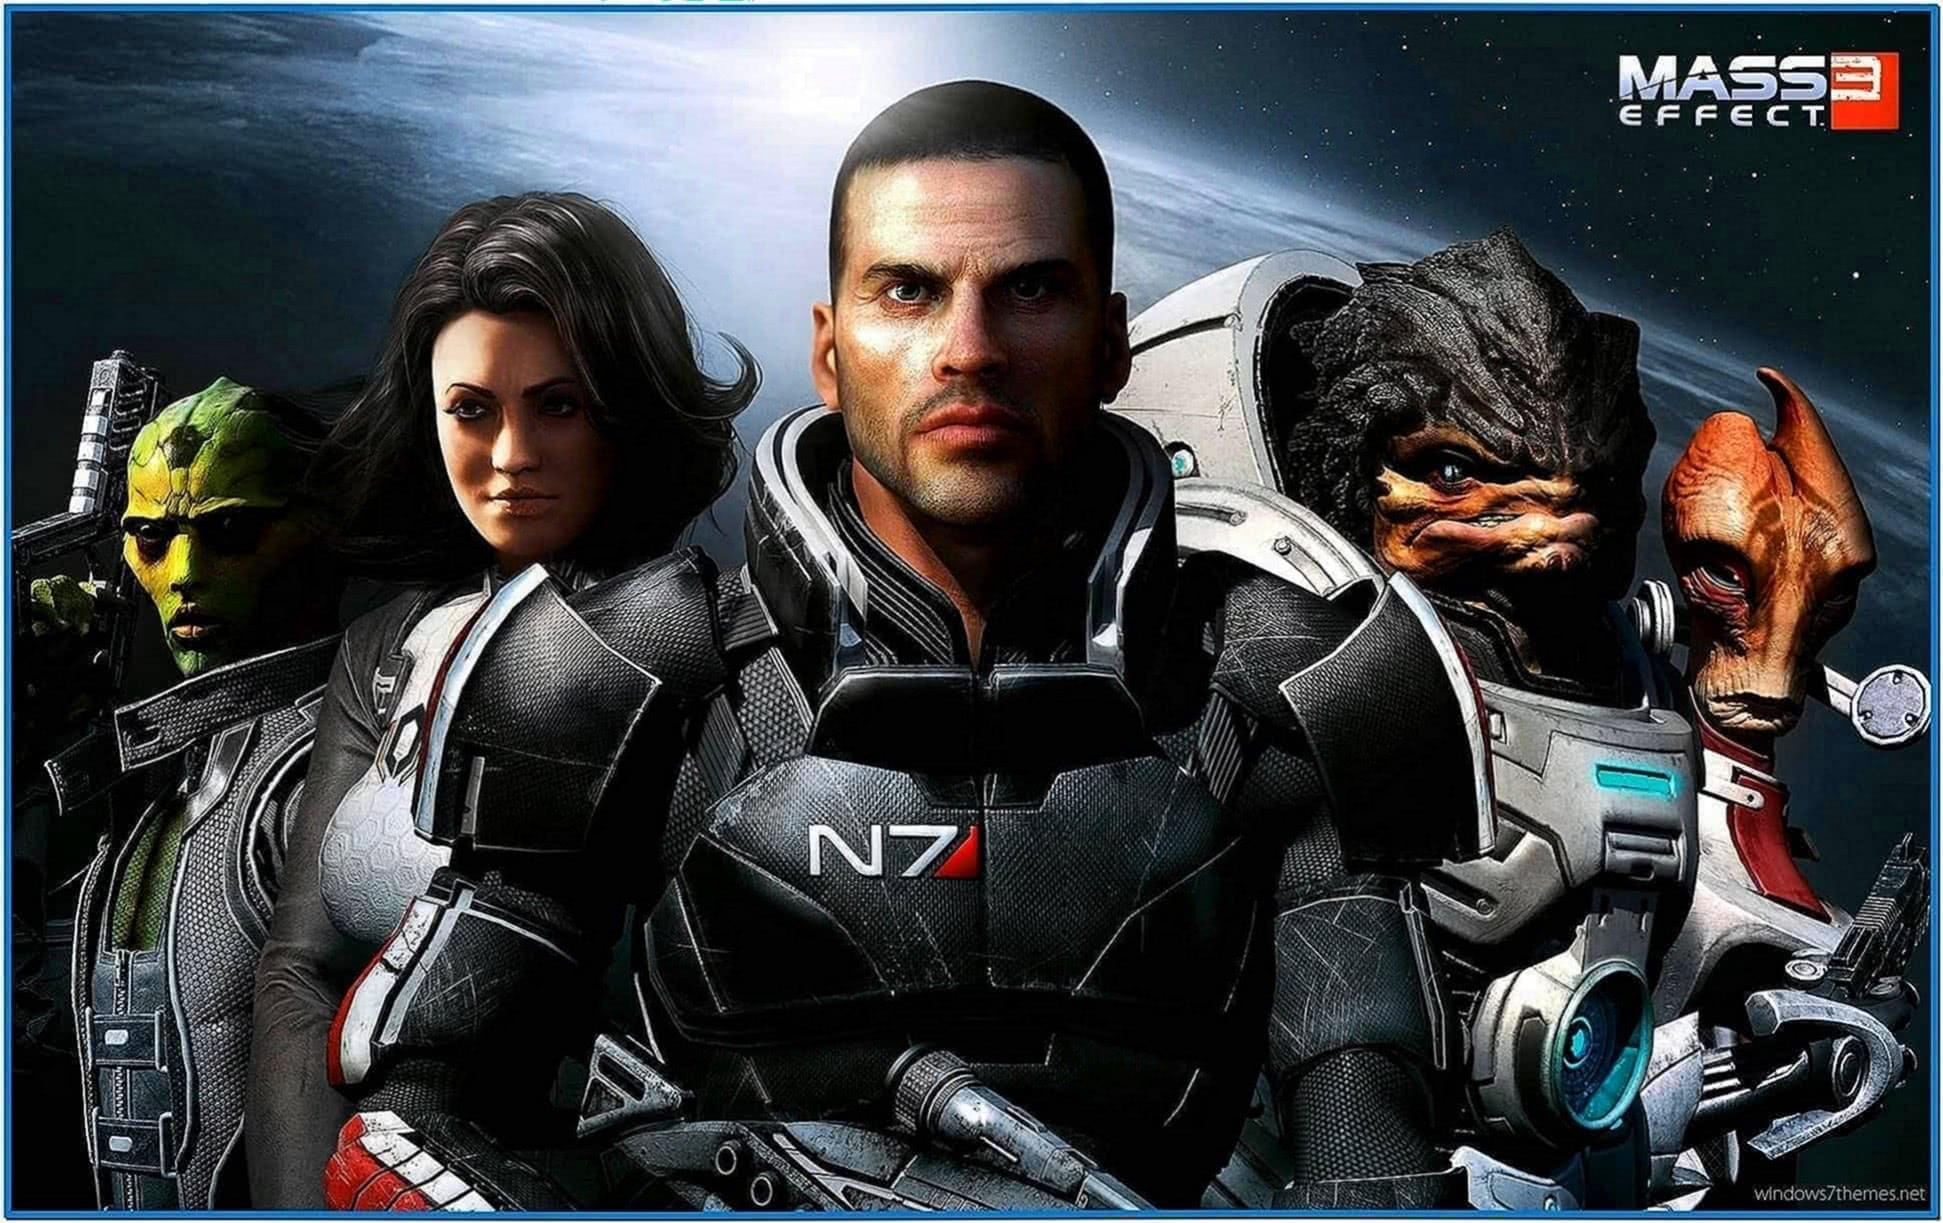 Screensaver Mass Effect 3